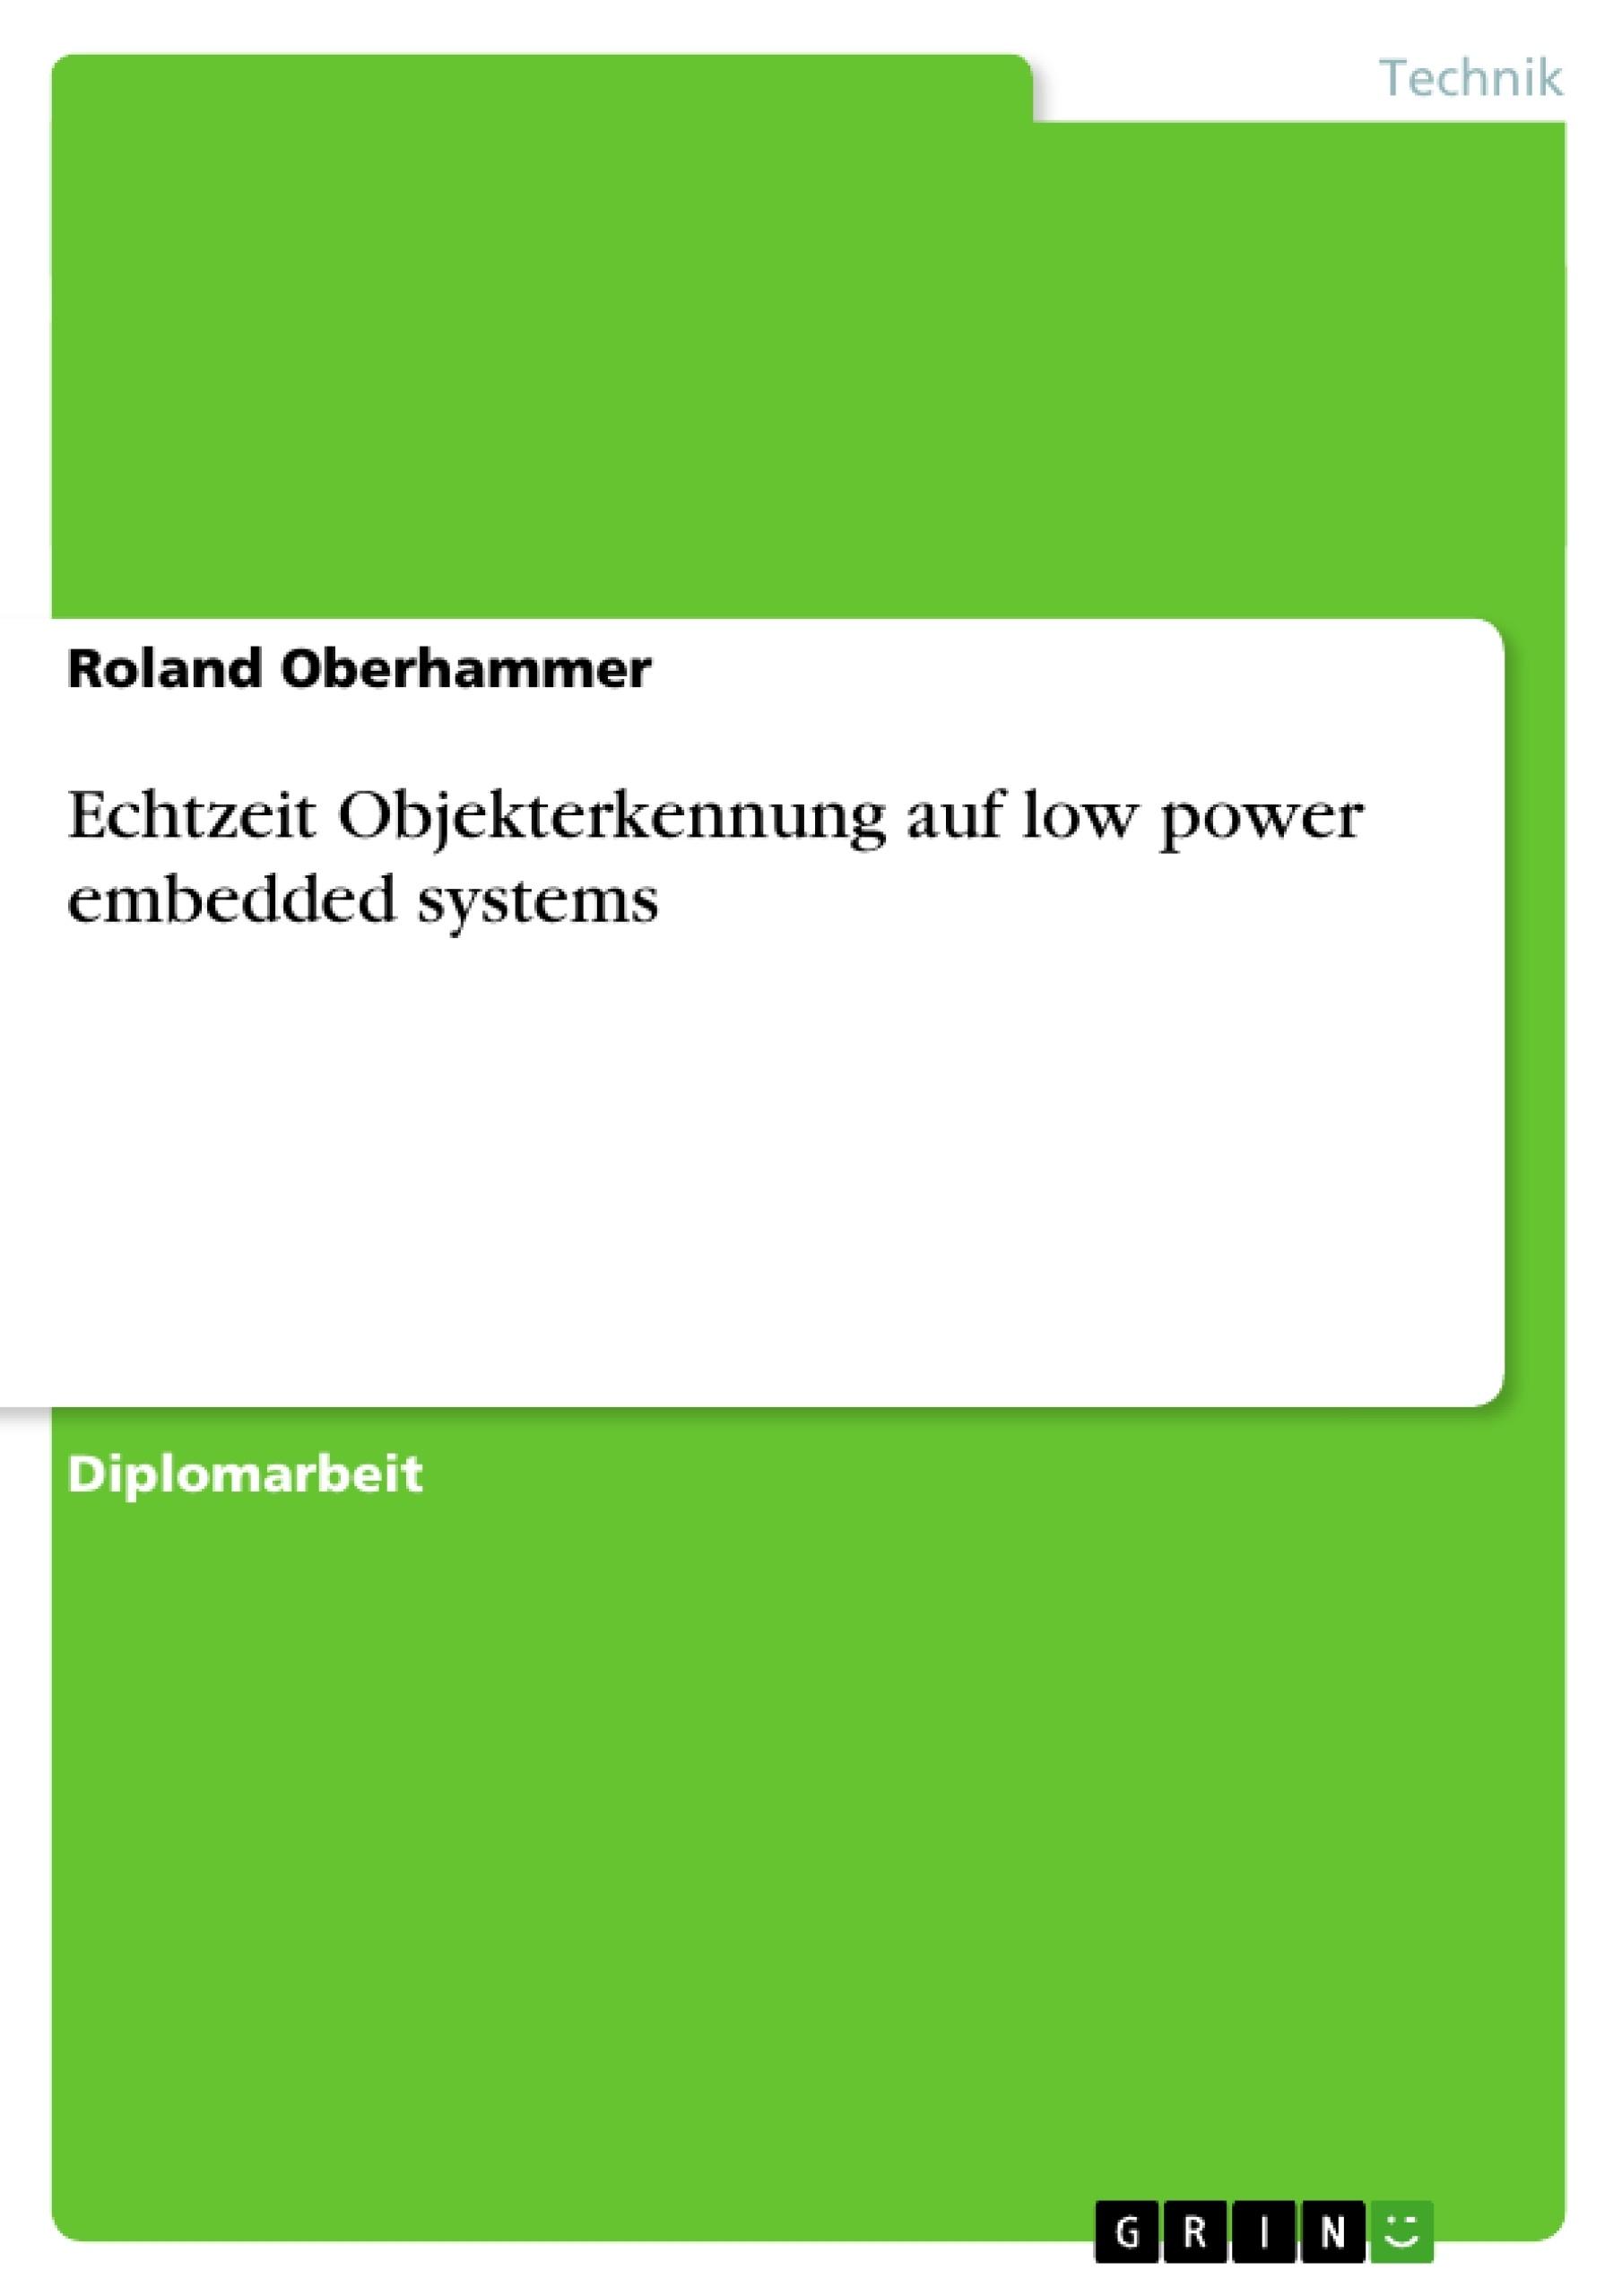 GRIN   Echtzeit Objekterkennung auf low power embedded systems